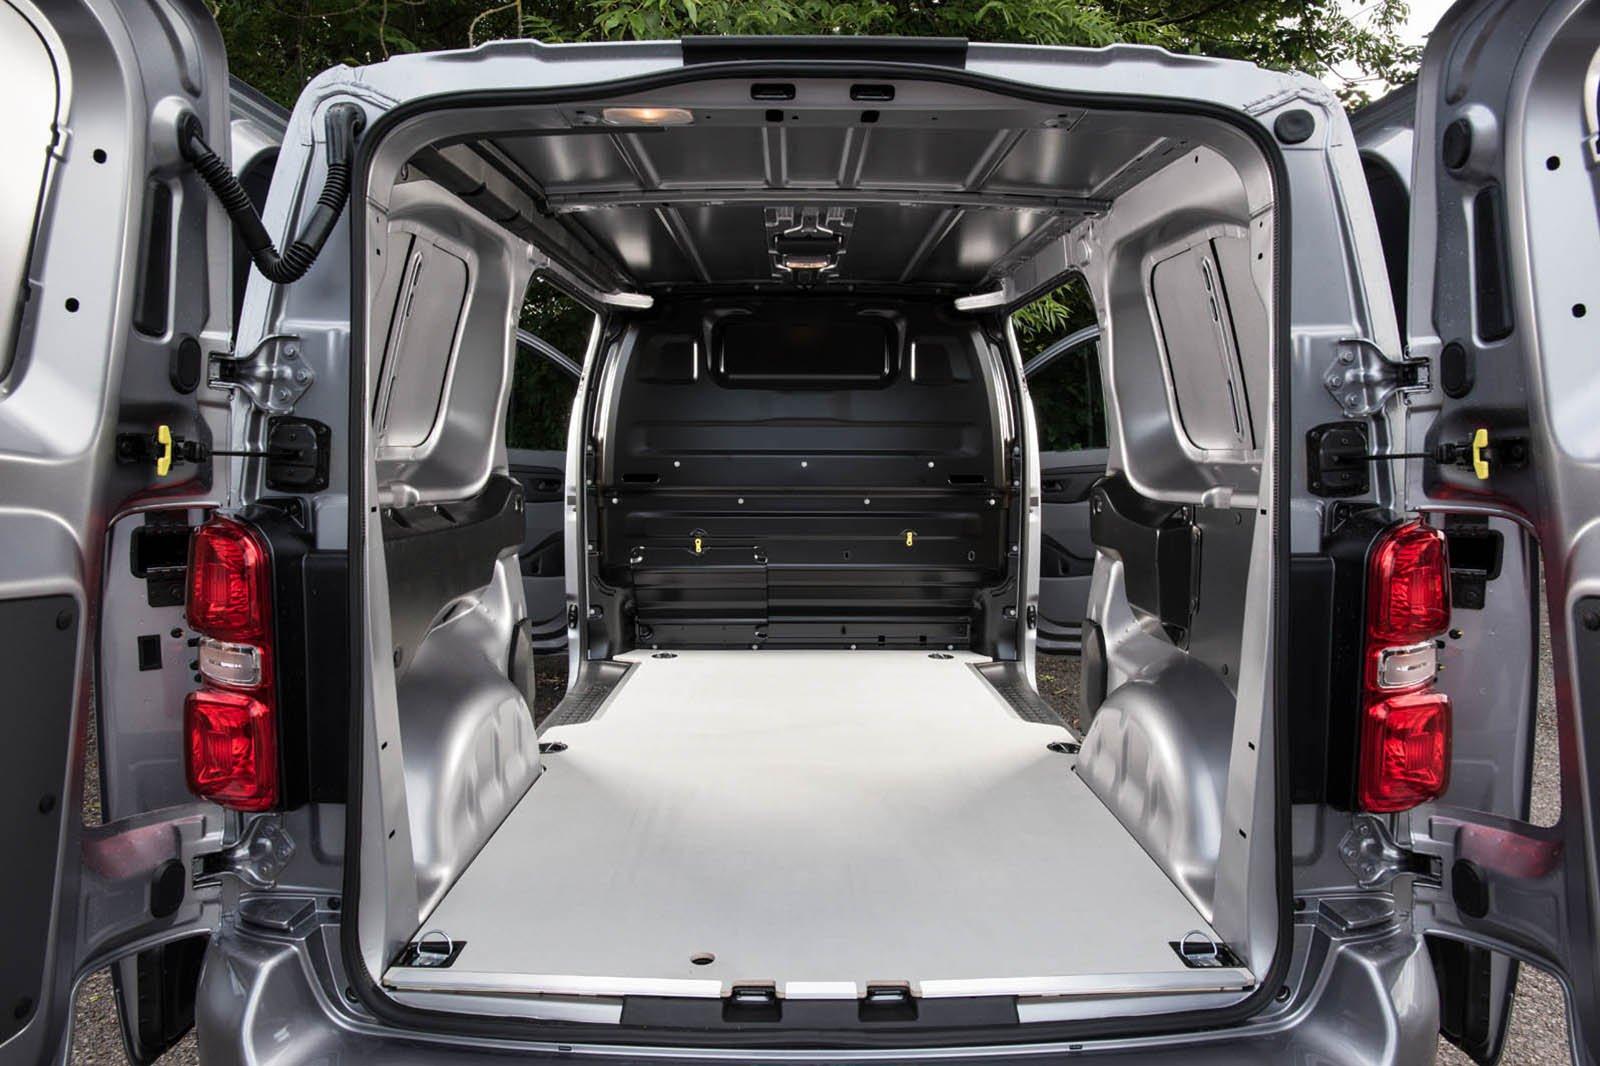 Vauxhall Vivaro load area